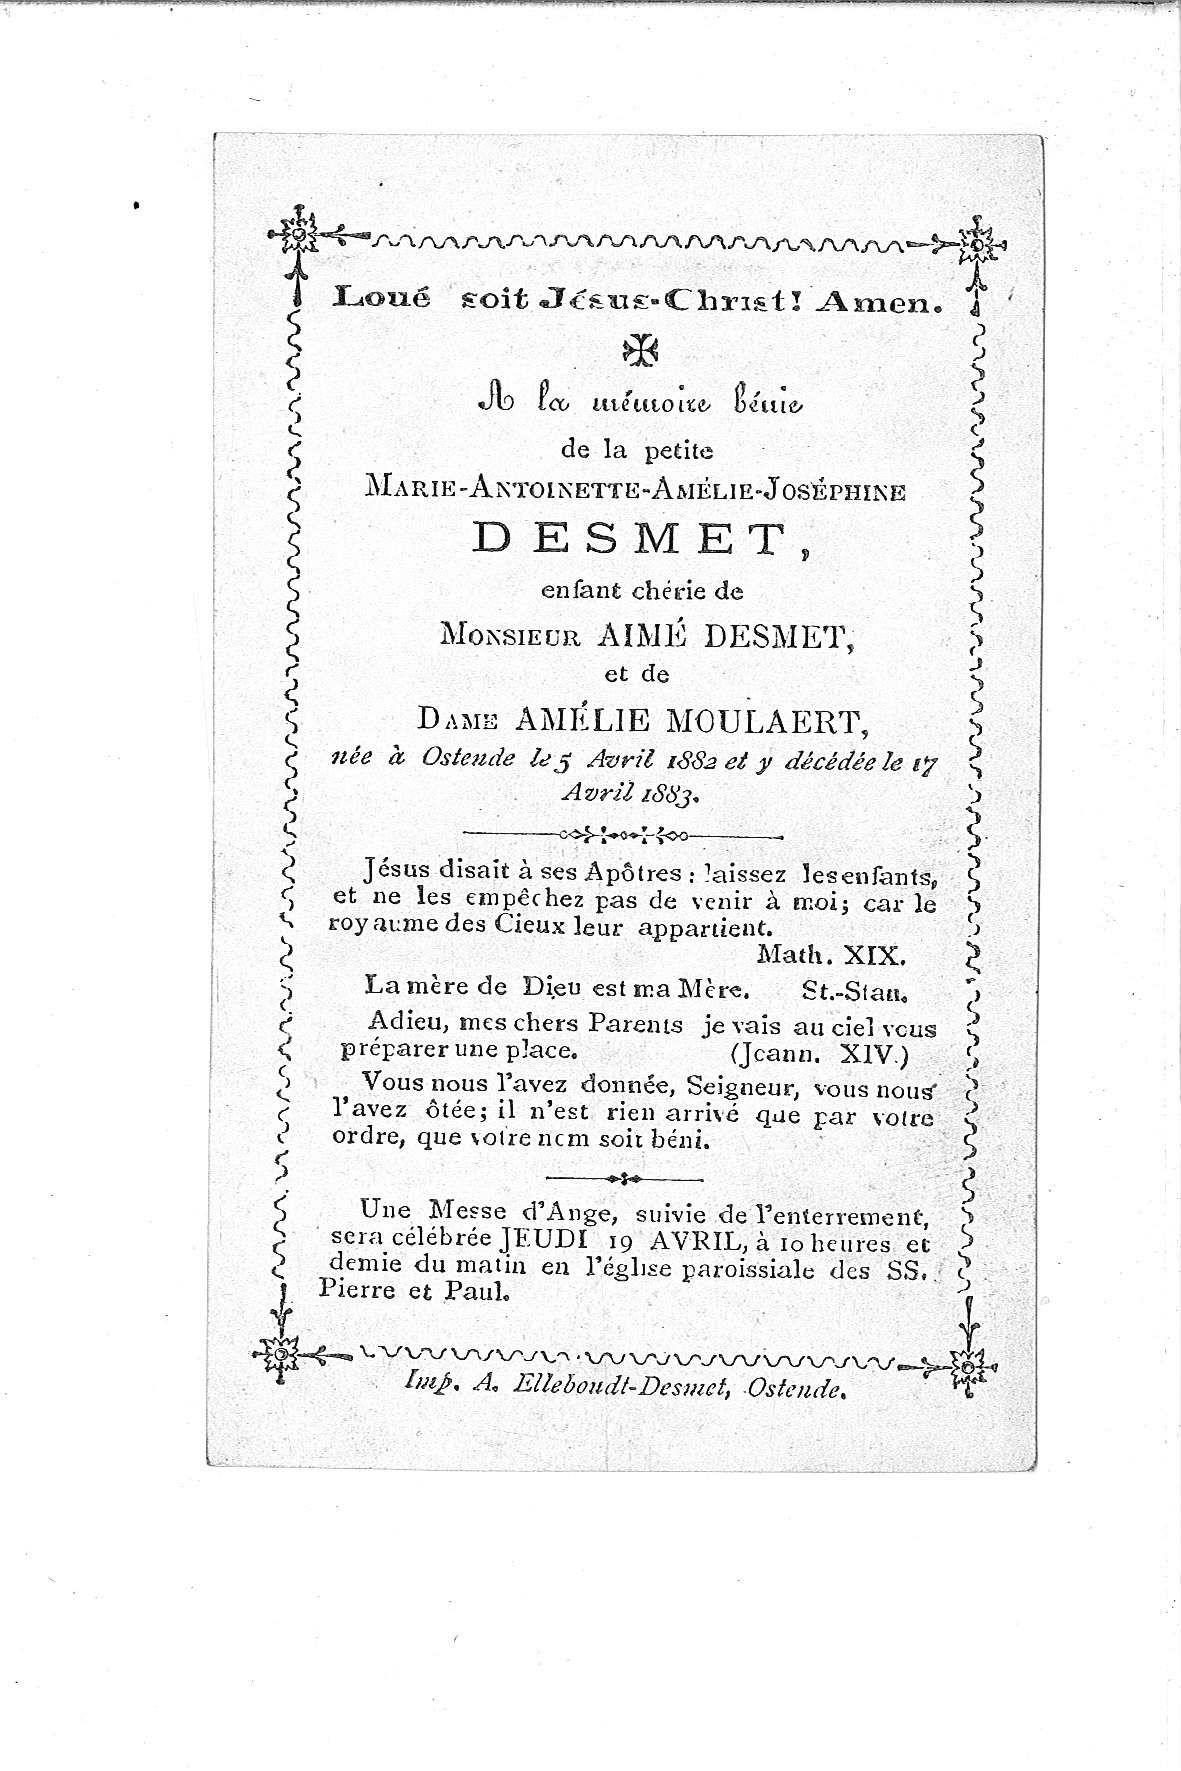 Marie-Antoinette-Amélie-Joséphine (1883) 20120424103450_00294.jpg